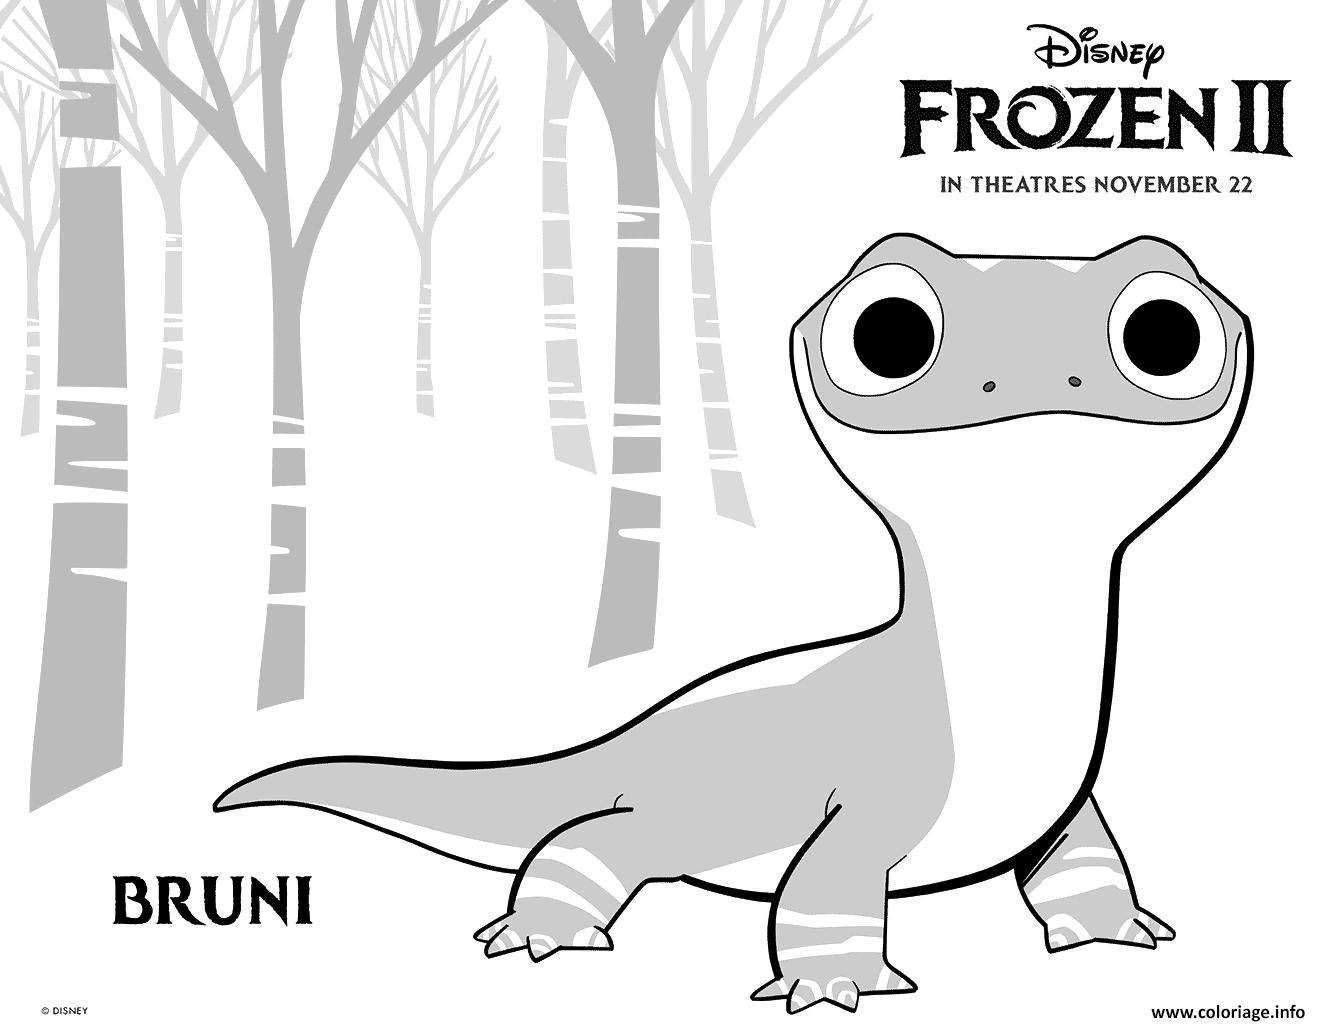 Coloriage Disney Frozen 2 Bruni Salamander Jecolorie Com